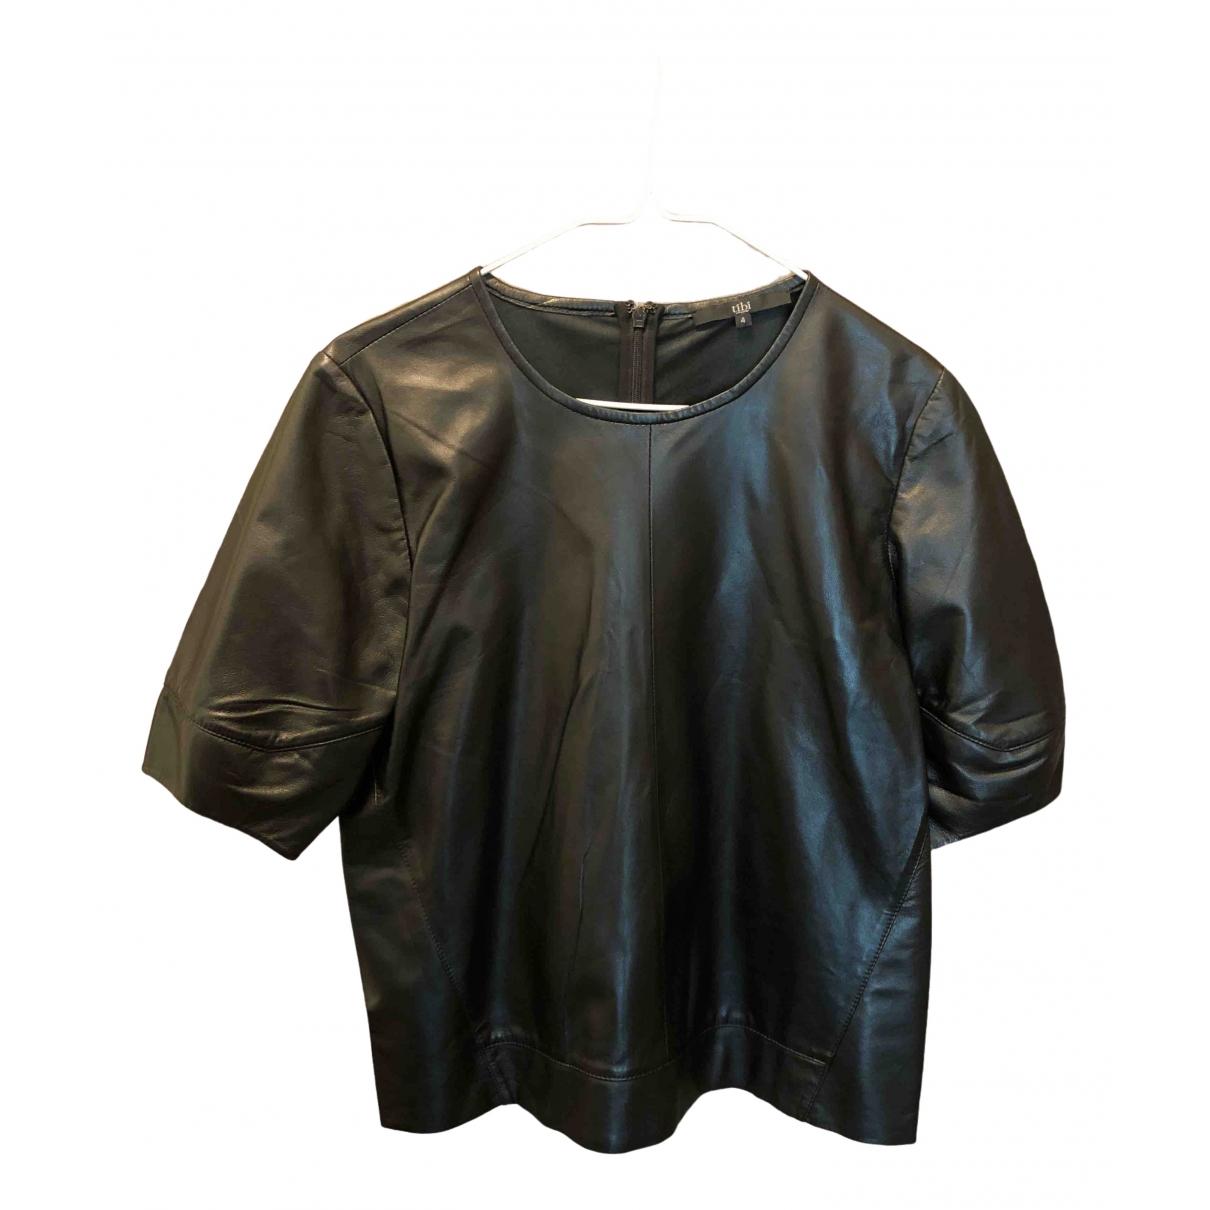 Tibi - Top   pour femme en cuir - noir